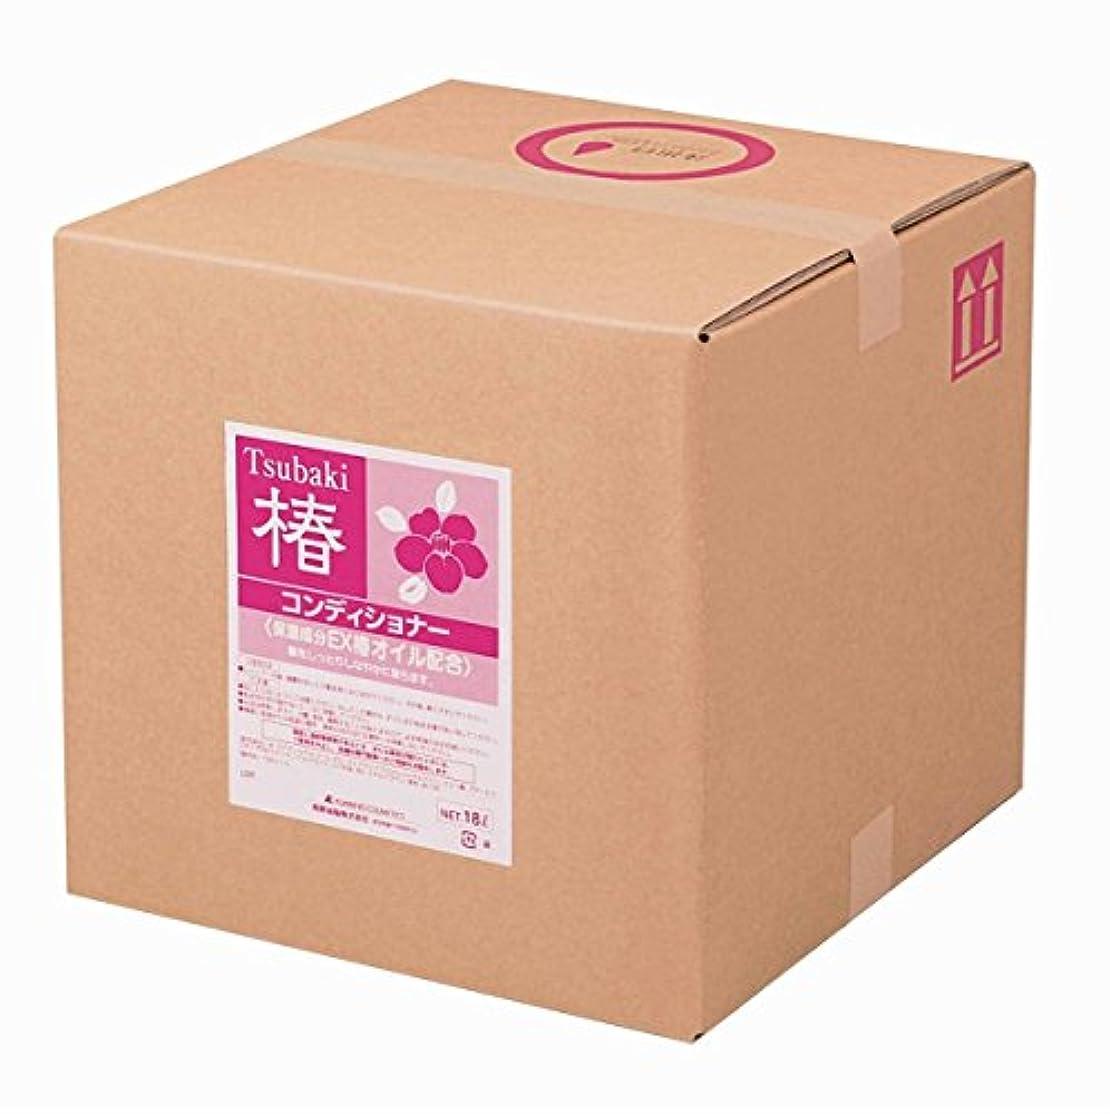 モルヒネ再発する作る熊野油脂 業務用 椿 コンディショナー 18L